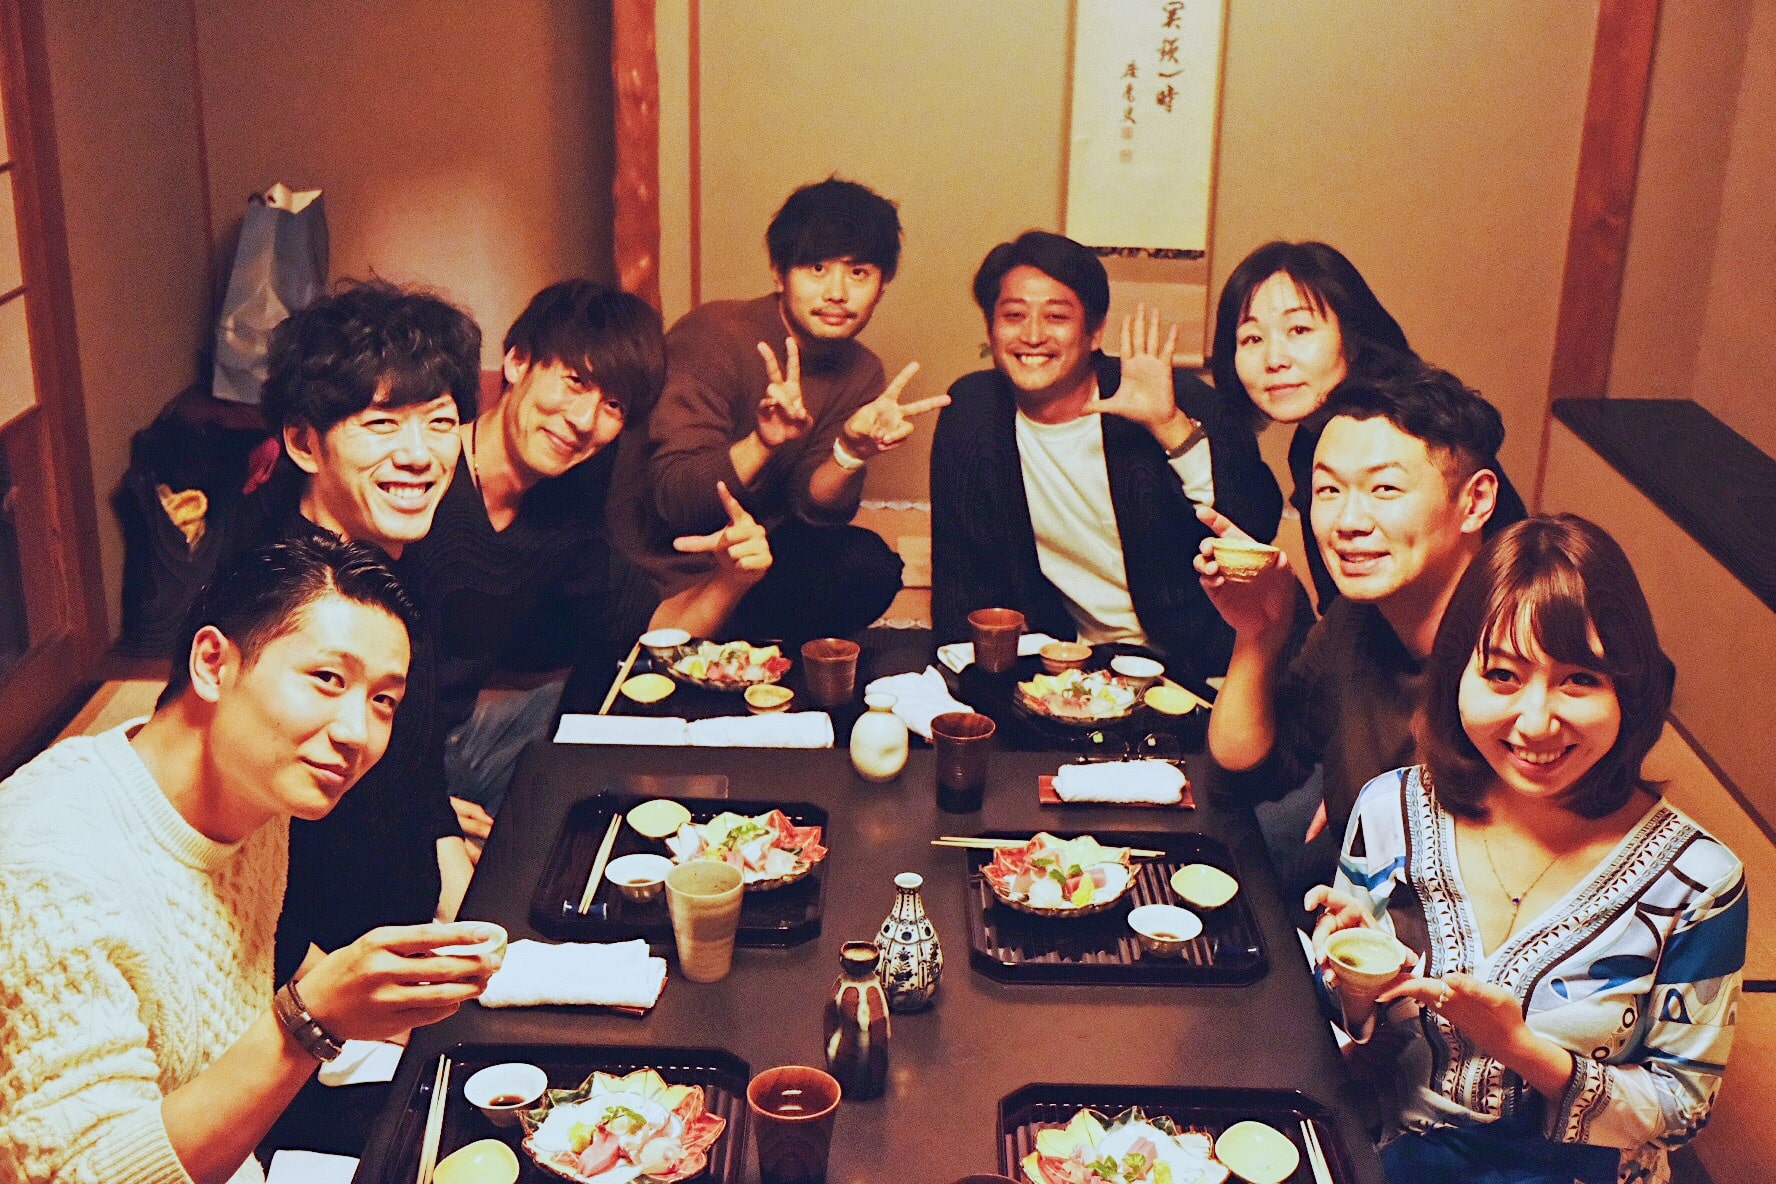 合宿で勉強会 &大人の修学旅行!高級料亭で夕食。みんなで記念写真